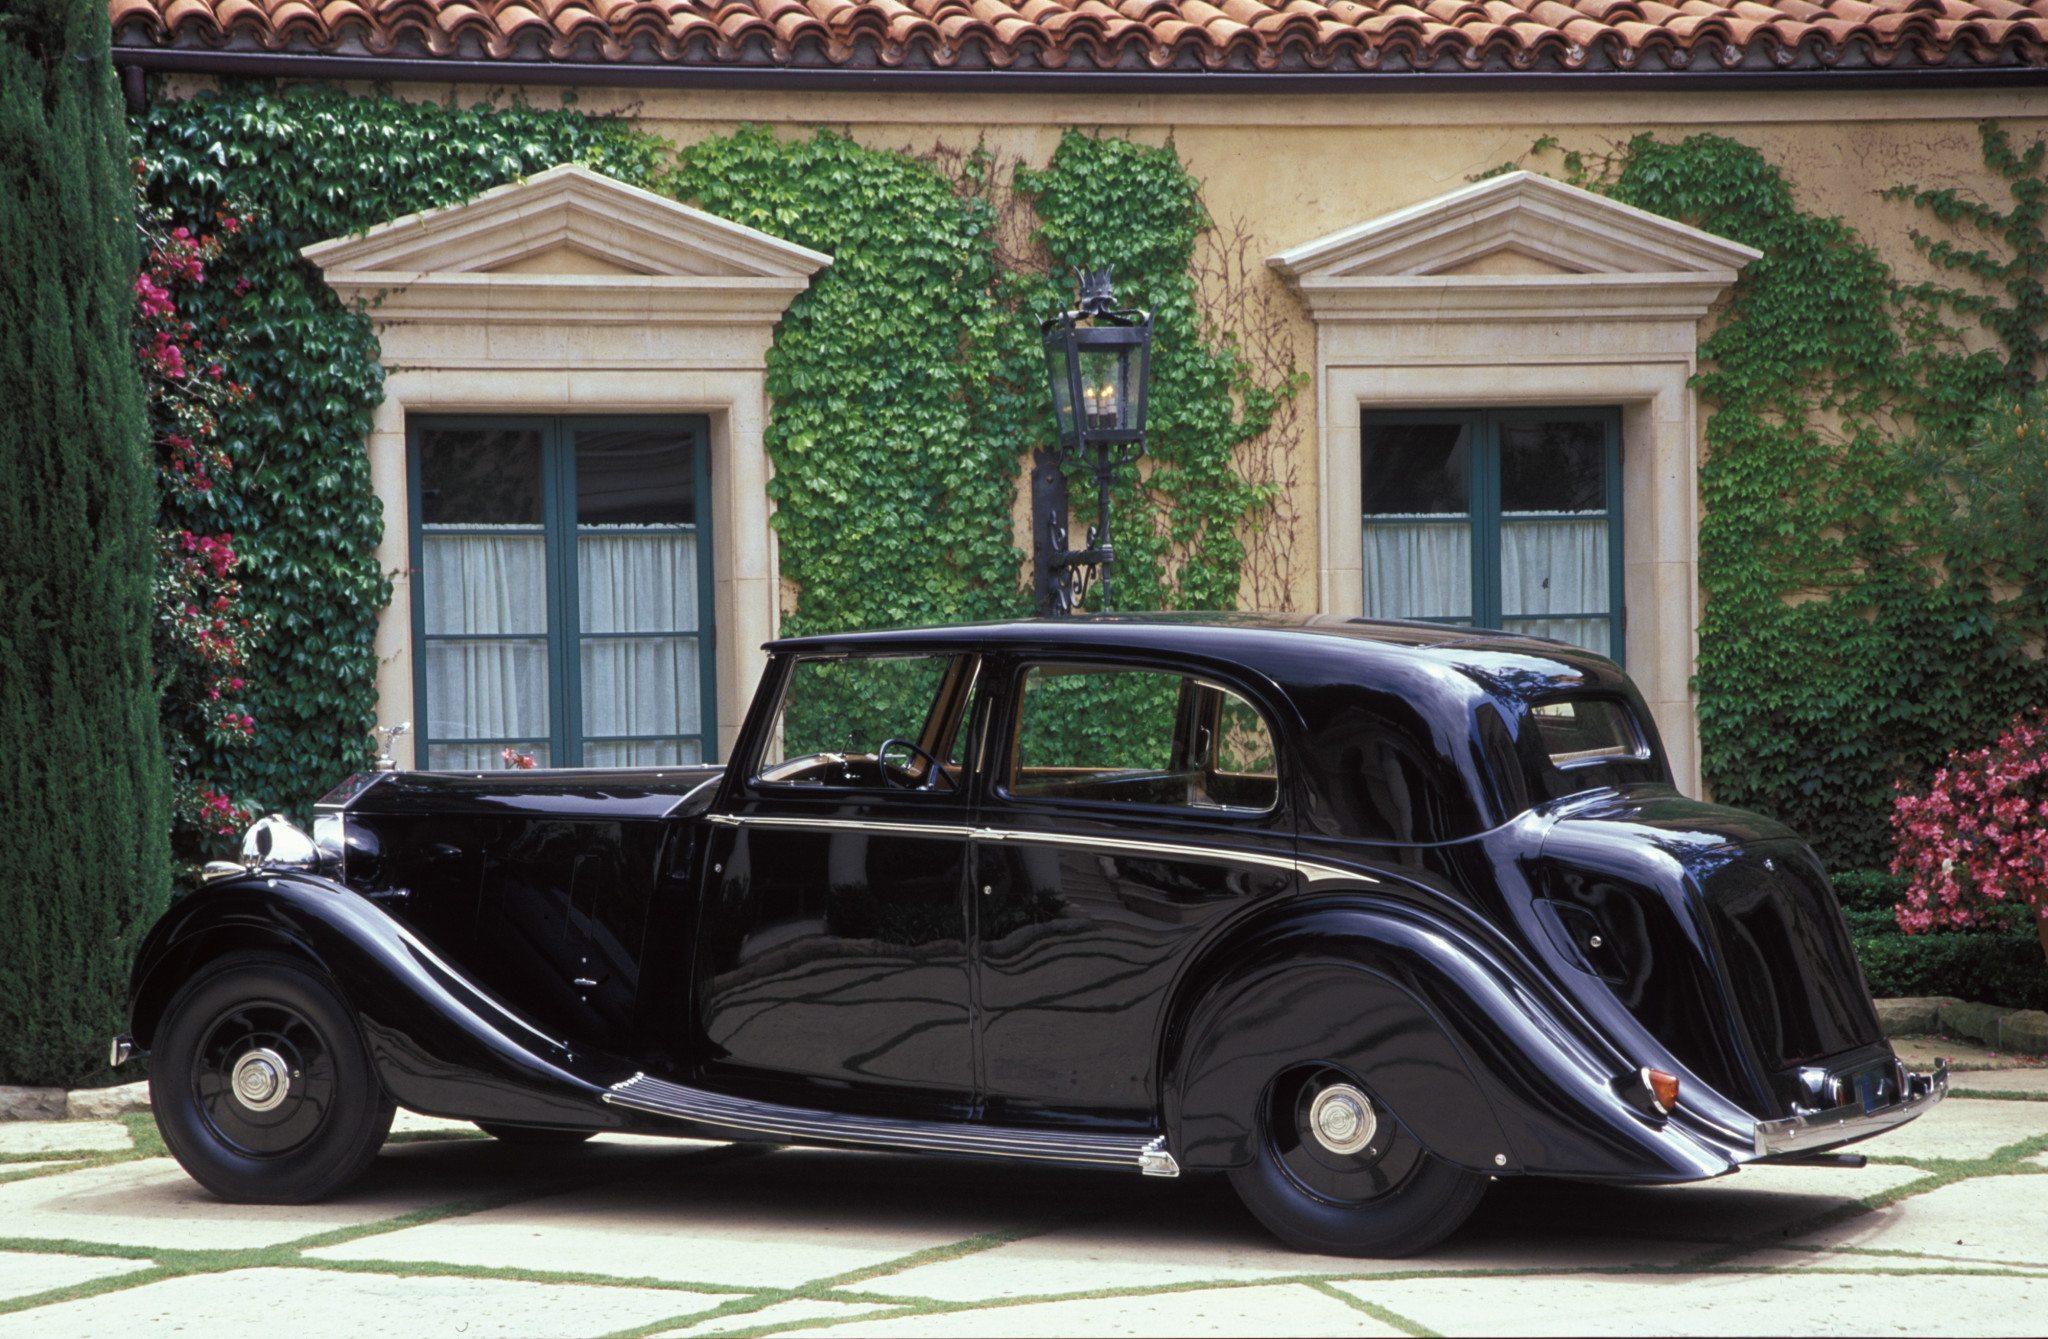 Rolls-Royce Brewster-bodied Sedanca De Ville built in 1937